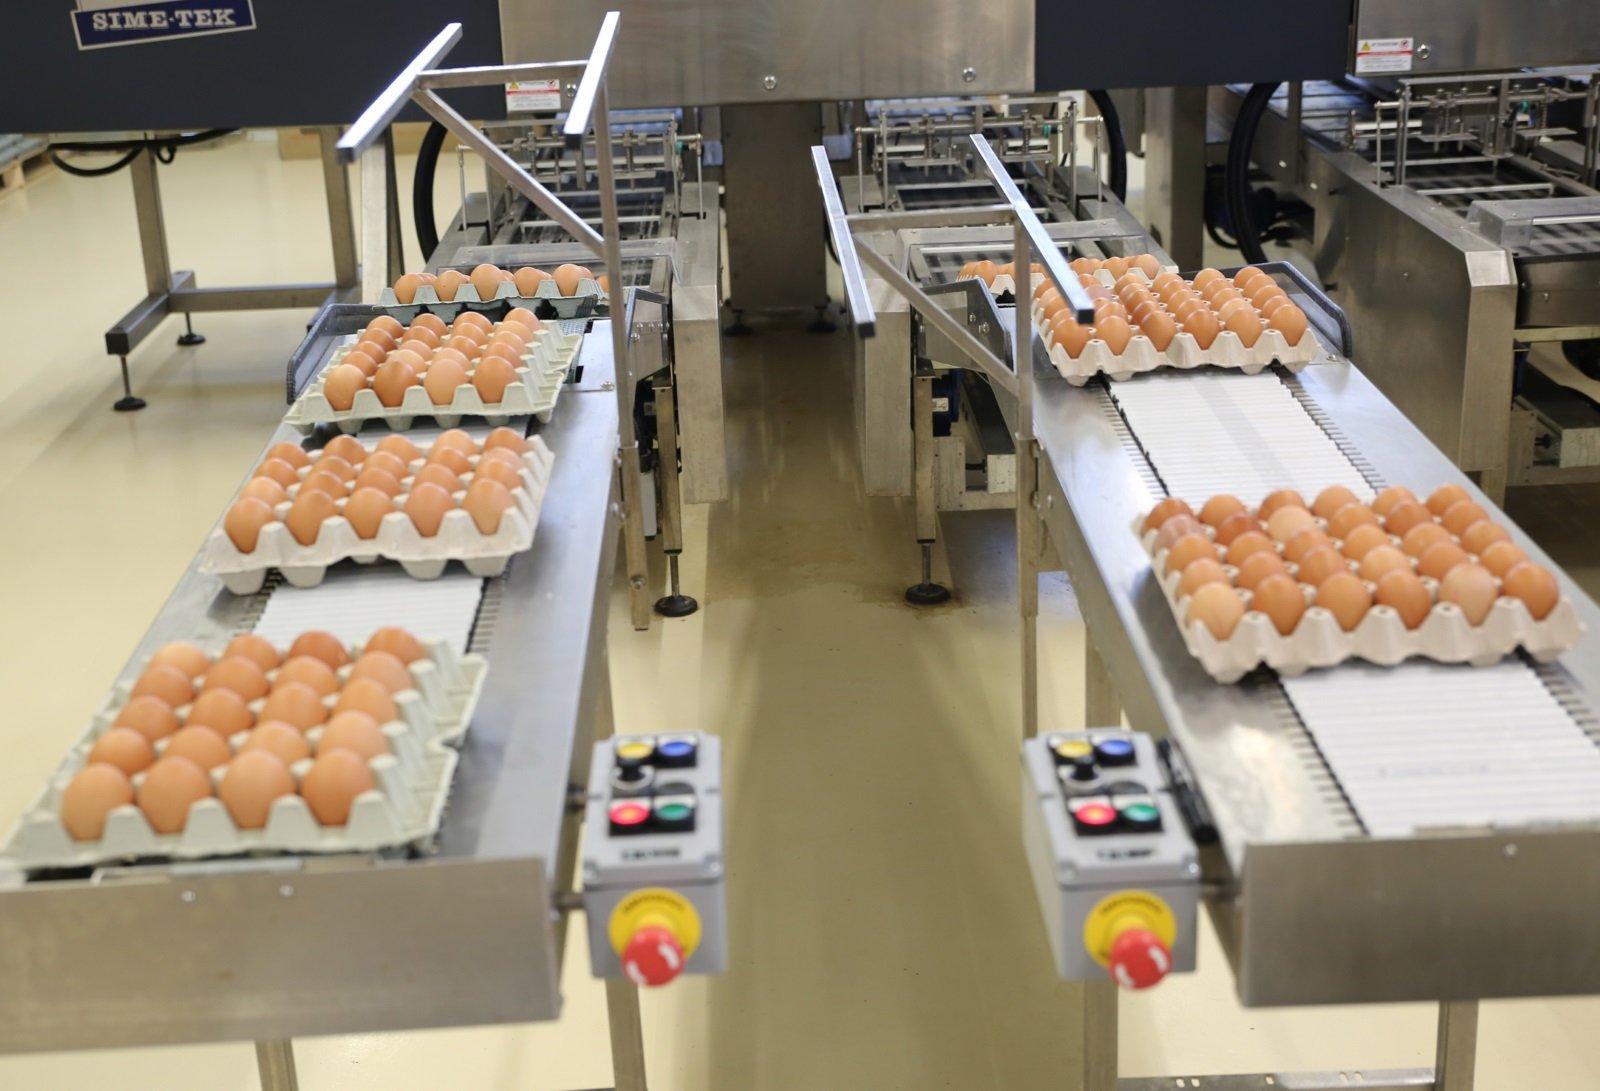 Cartoni di uova classificati ed in movimento su nastro trasportatore